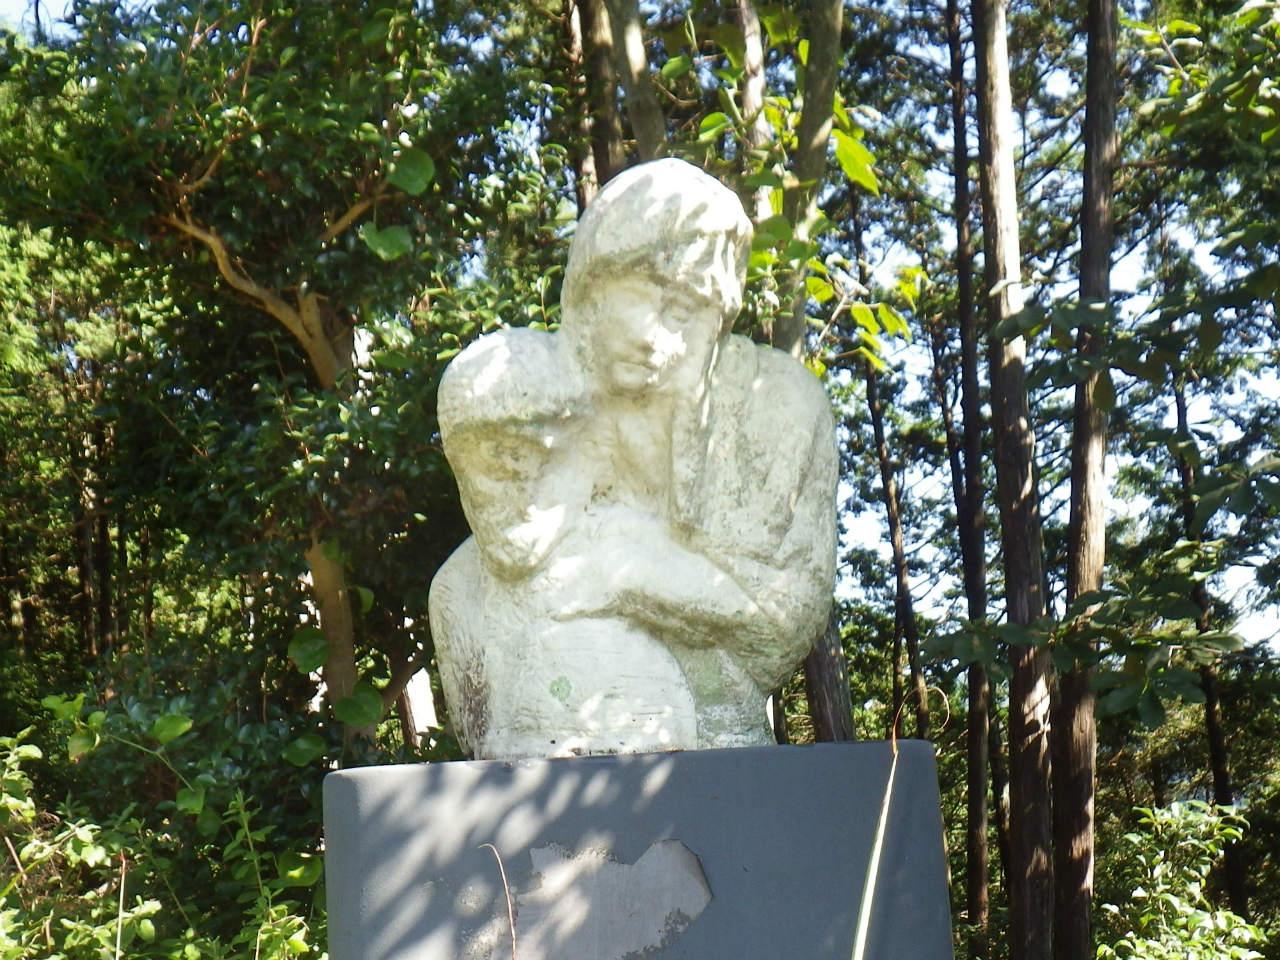 11a 文化のこみちの彫像